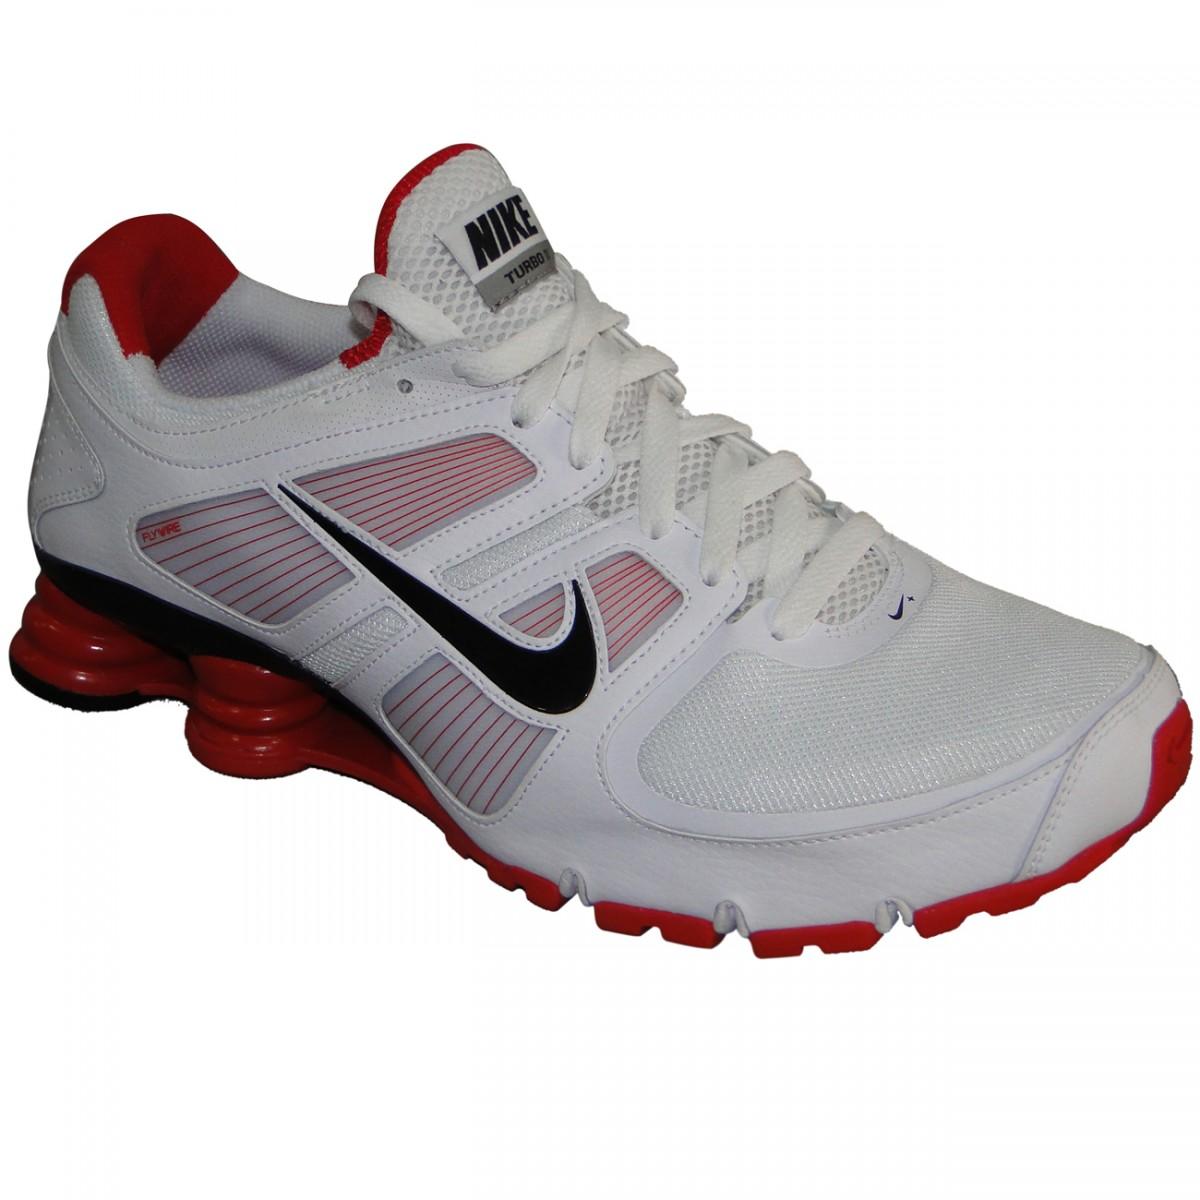 hot sale online 4fee2 c743e Tênis Nike Shox Turbo+ 11 0991 - BRANCO PRETO VERMELHO - Chuteira Nike,  Adidas. Sandalias Femininas. Sandy Calçados